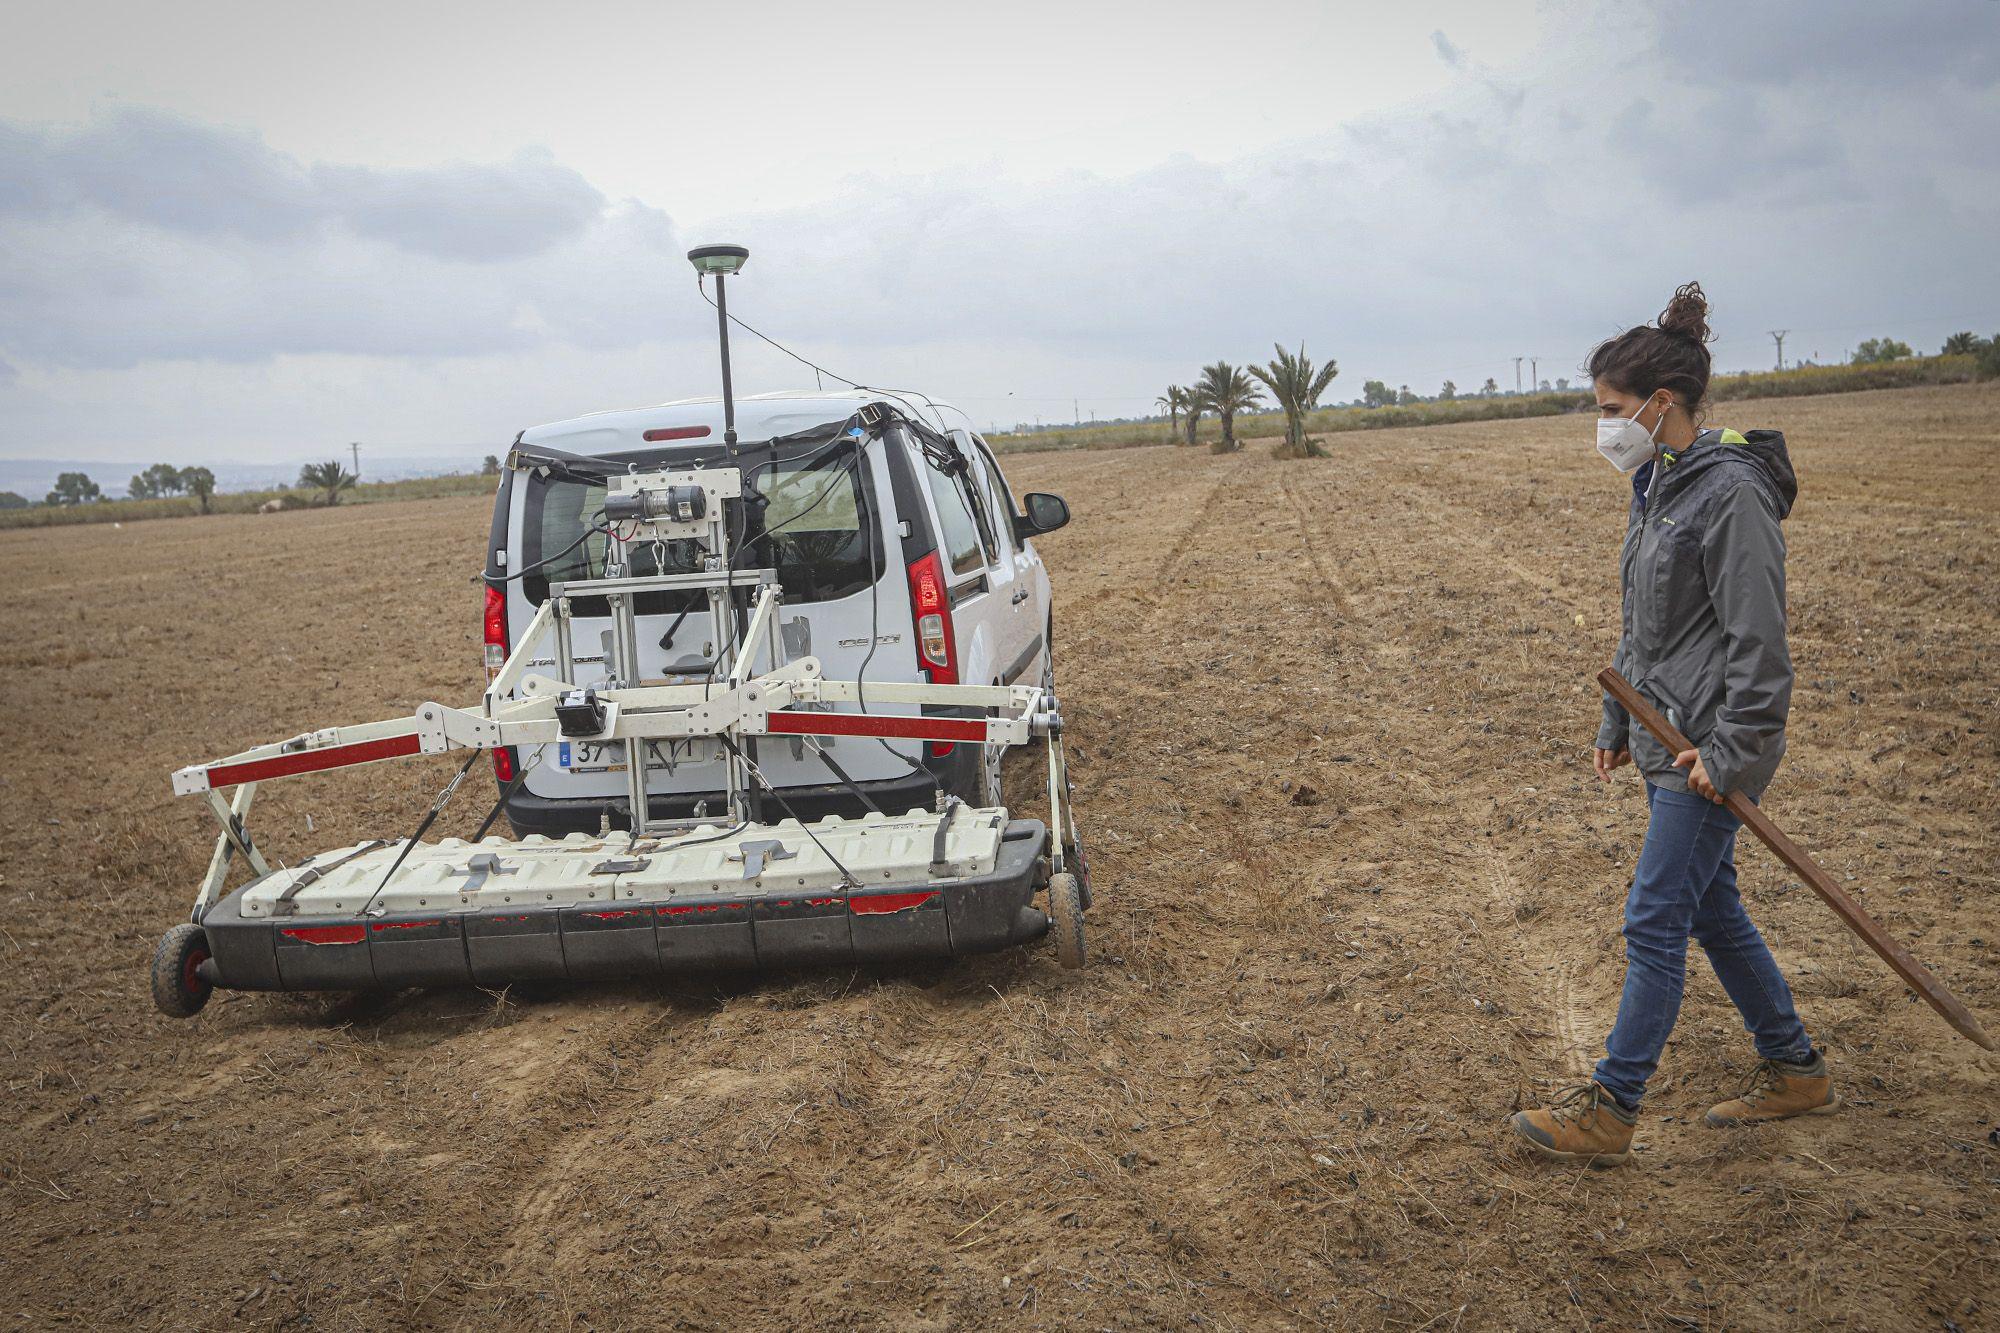 Un georradar busca la fosa común en el campo de concentración de Albatera